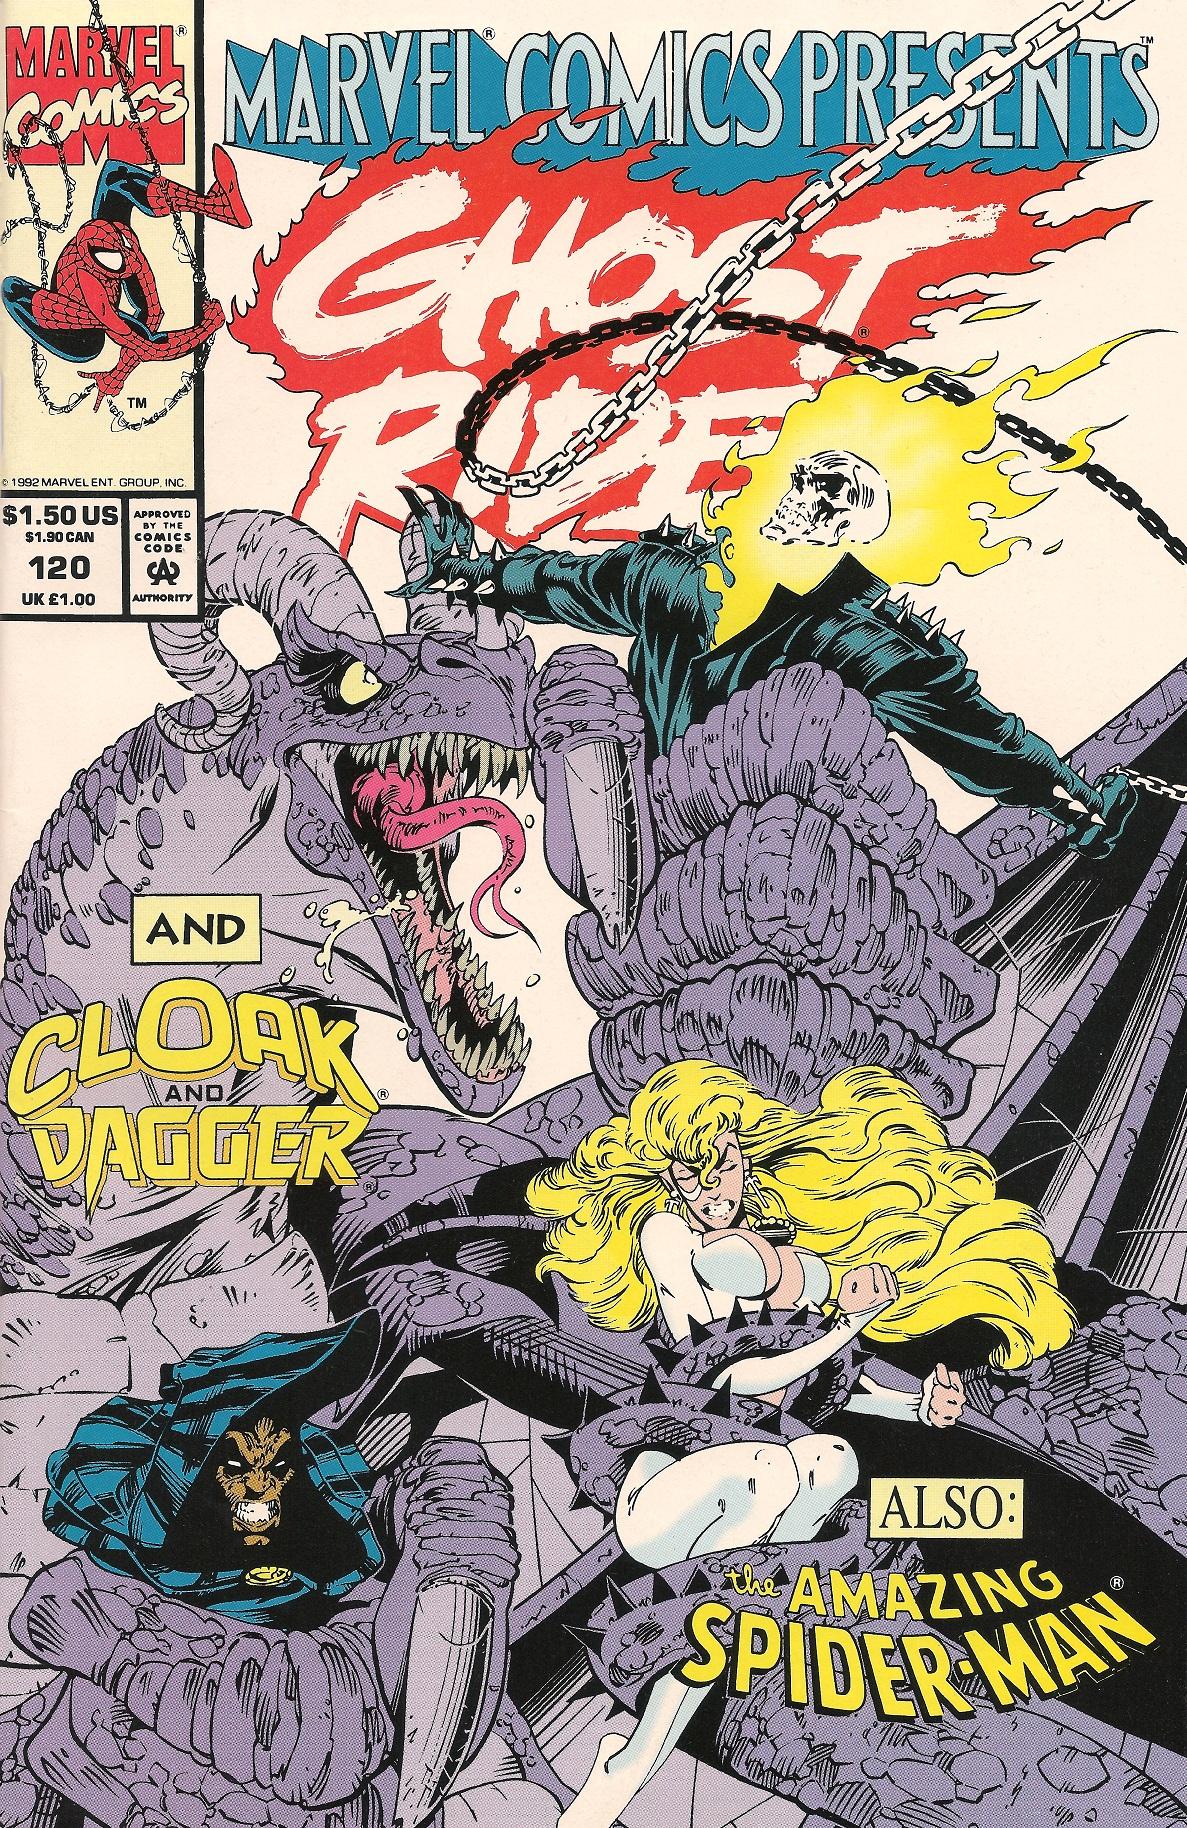 Marvel Comics Presents Vol 1 120 flip cover.jpg